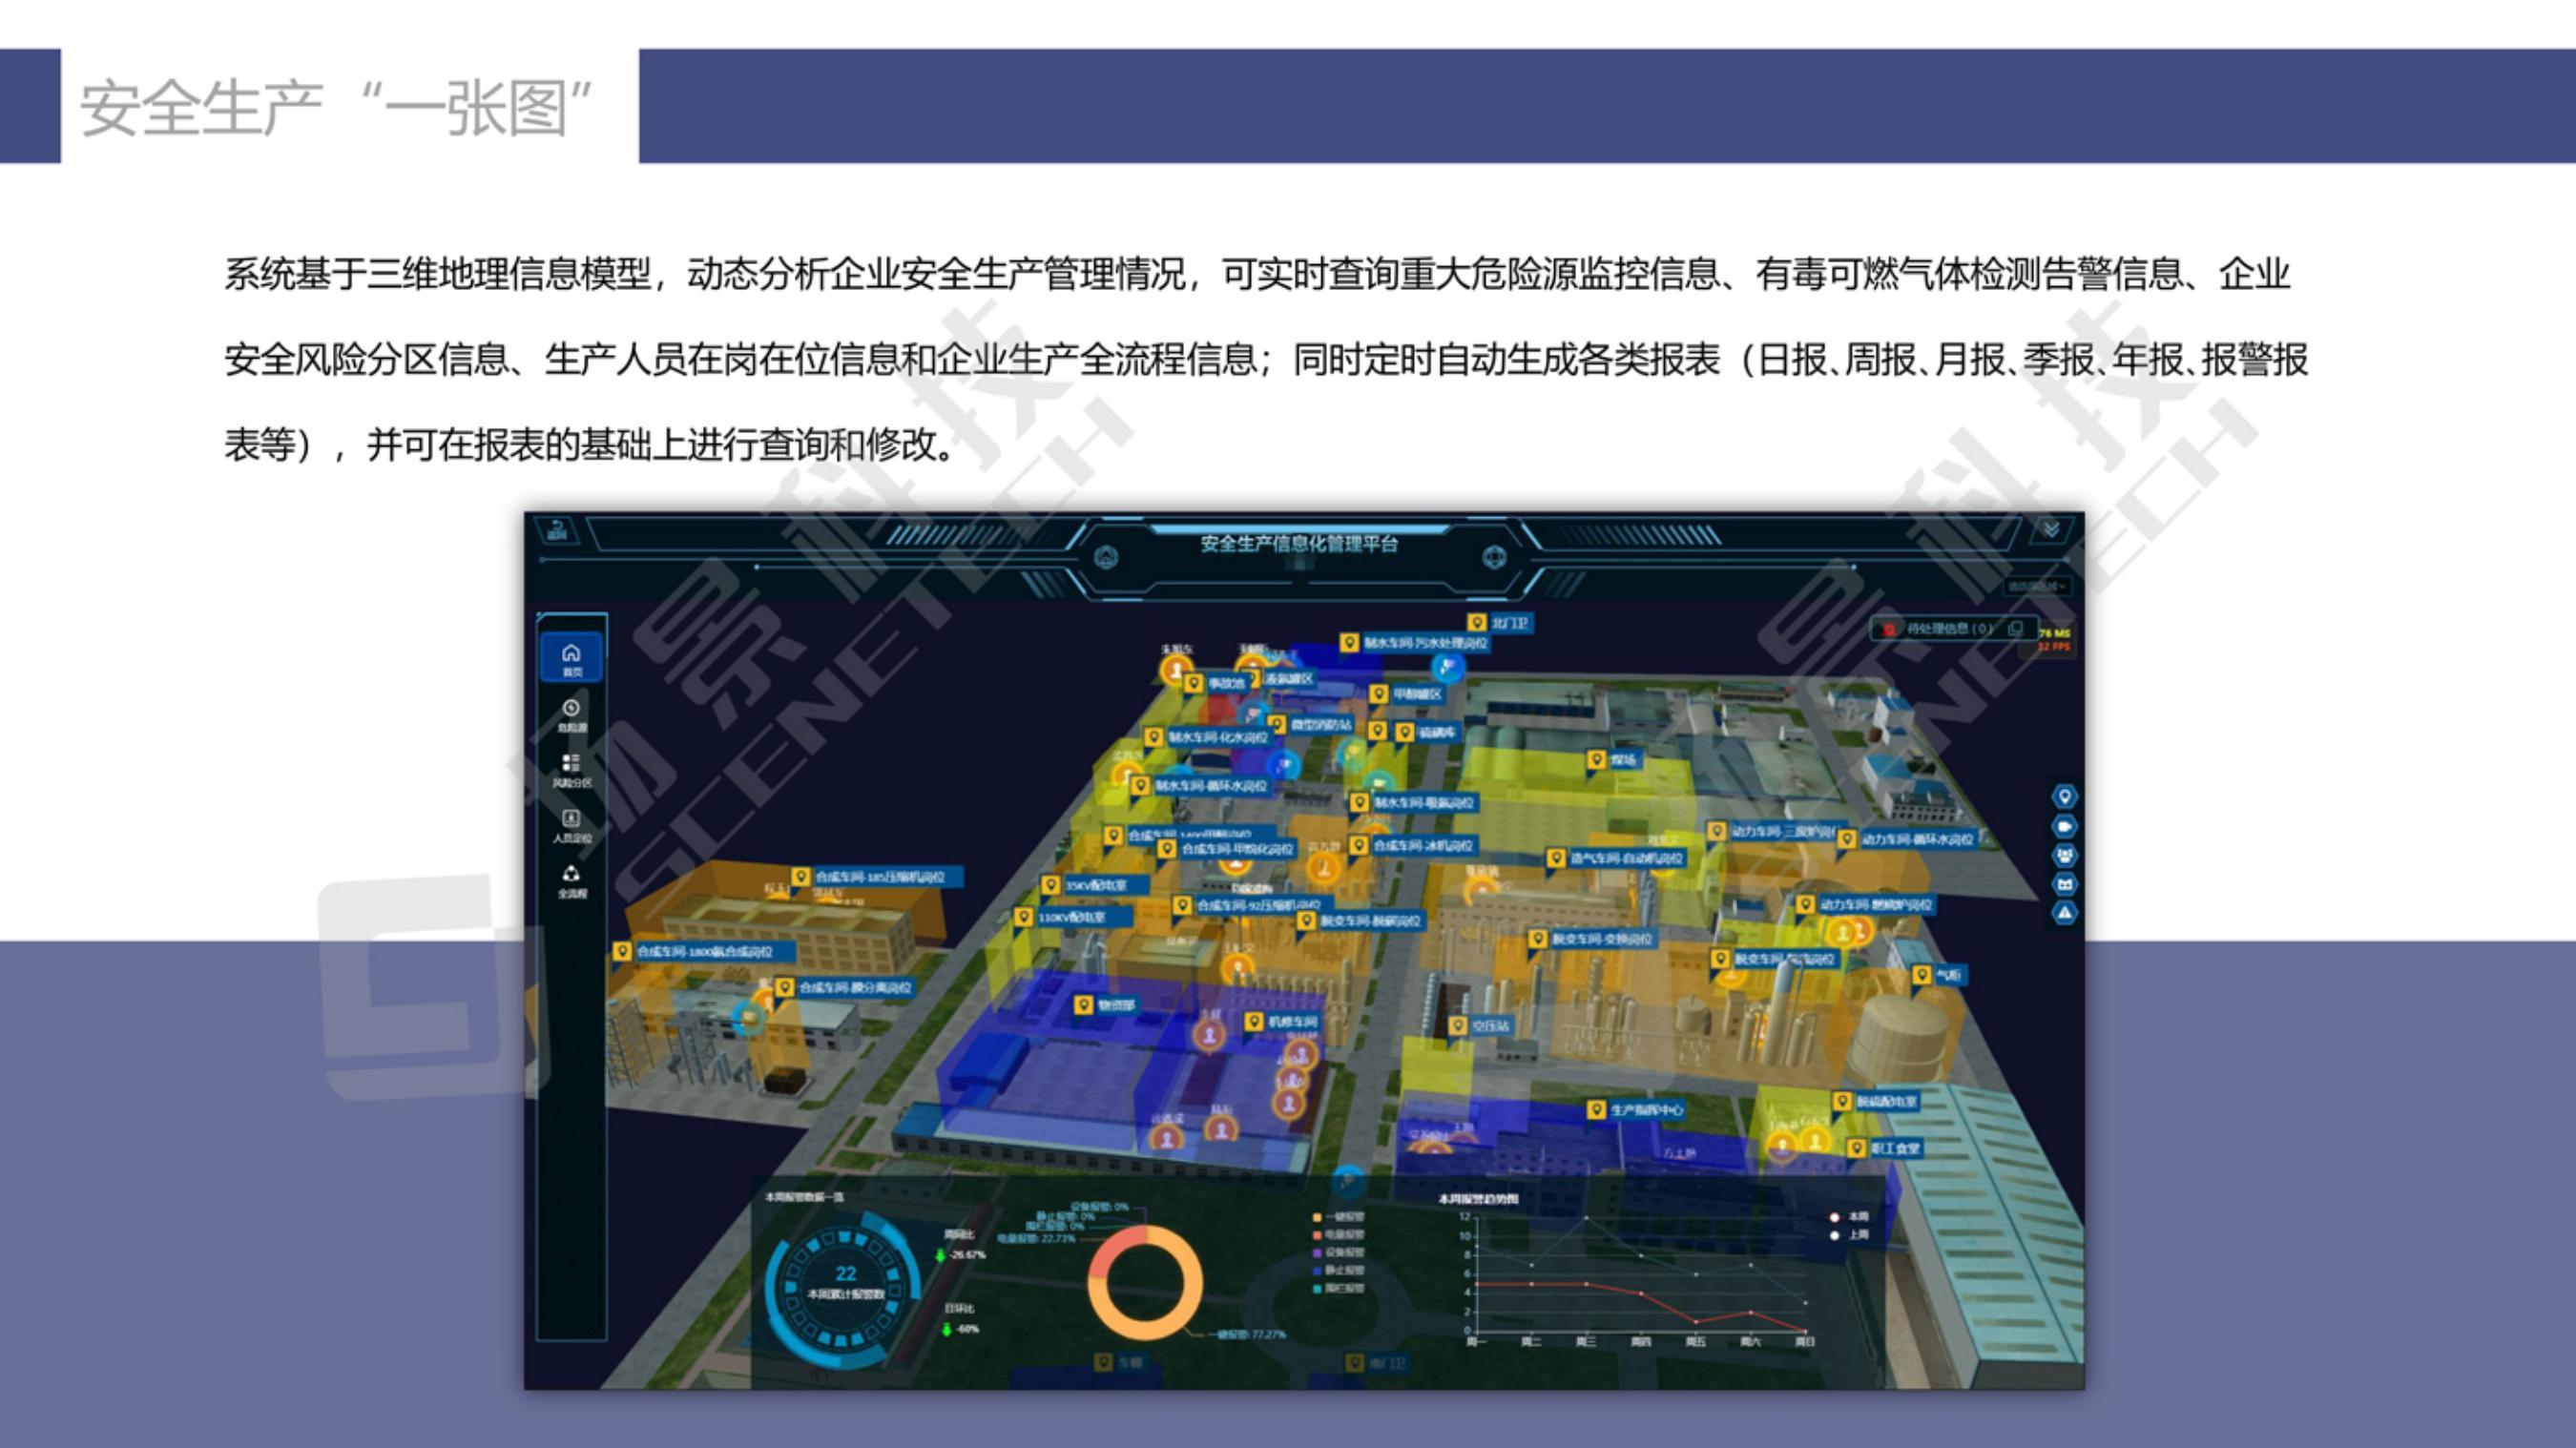 化工安全生产信息化管理解决方案20210511_21